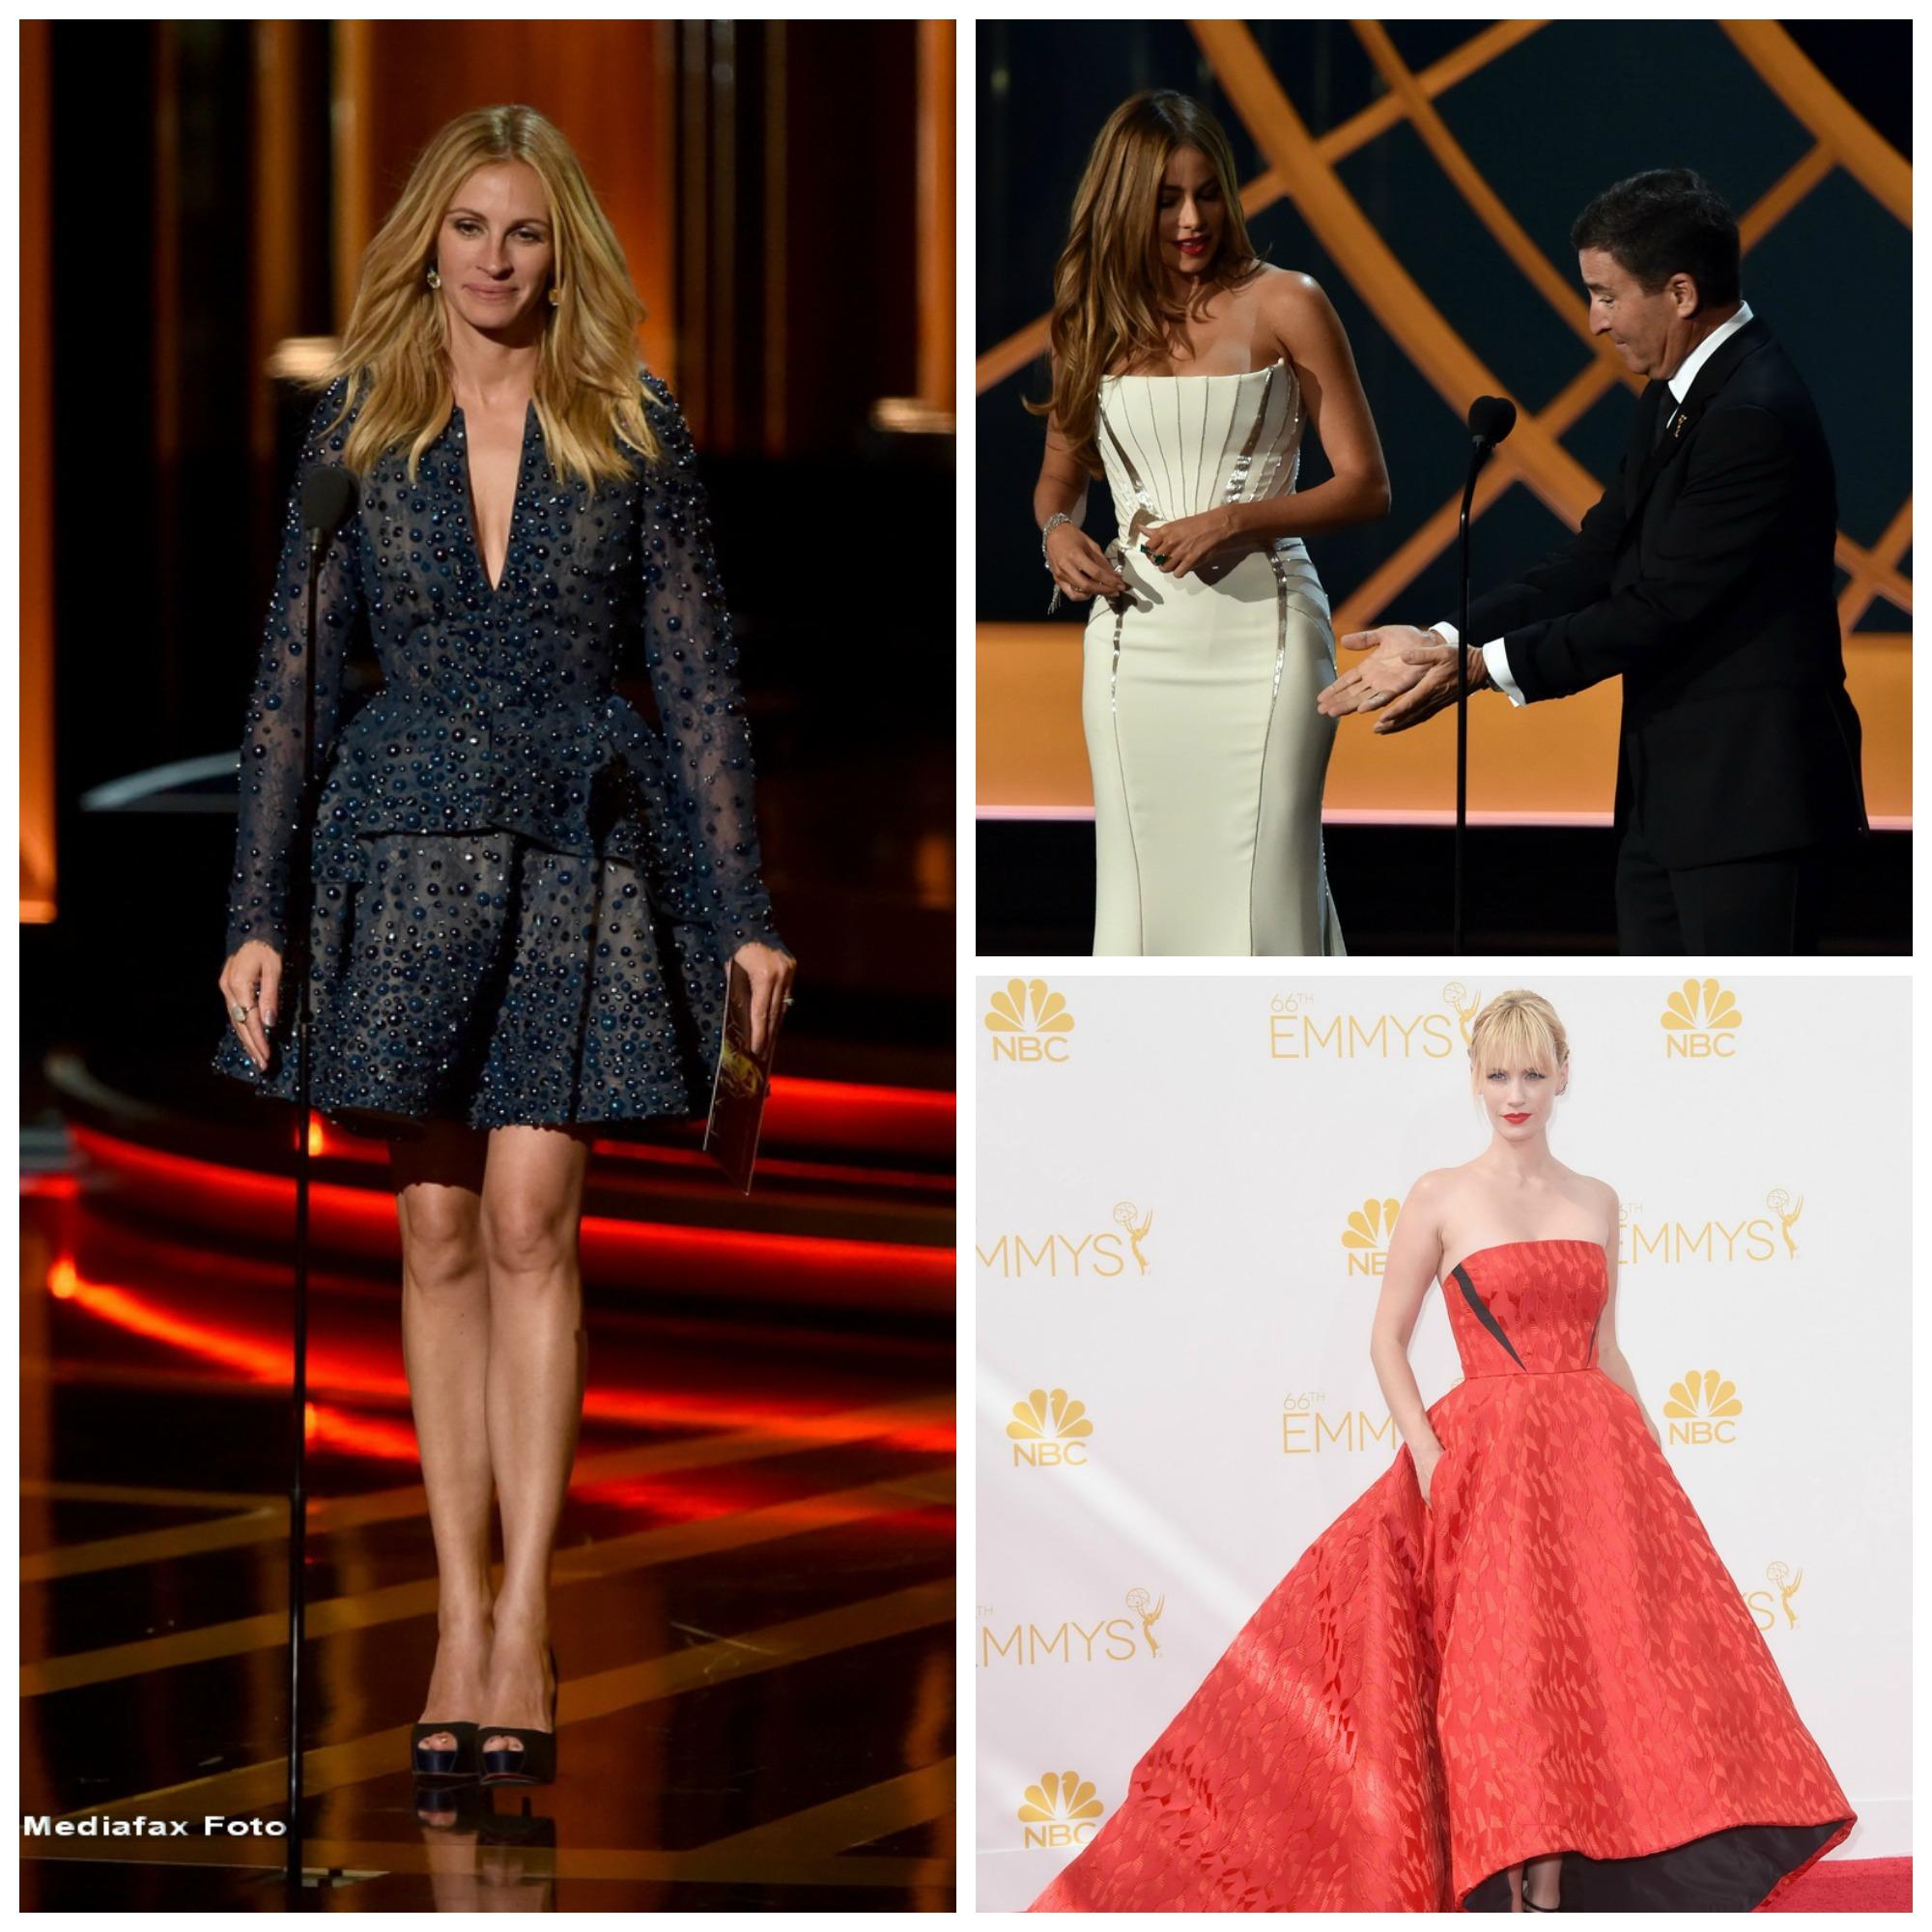 Moda la gala Emmy 2014: Vedetele au ales rosu si alb pentru defilarea pe covorul rosu